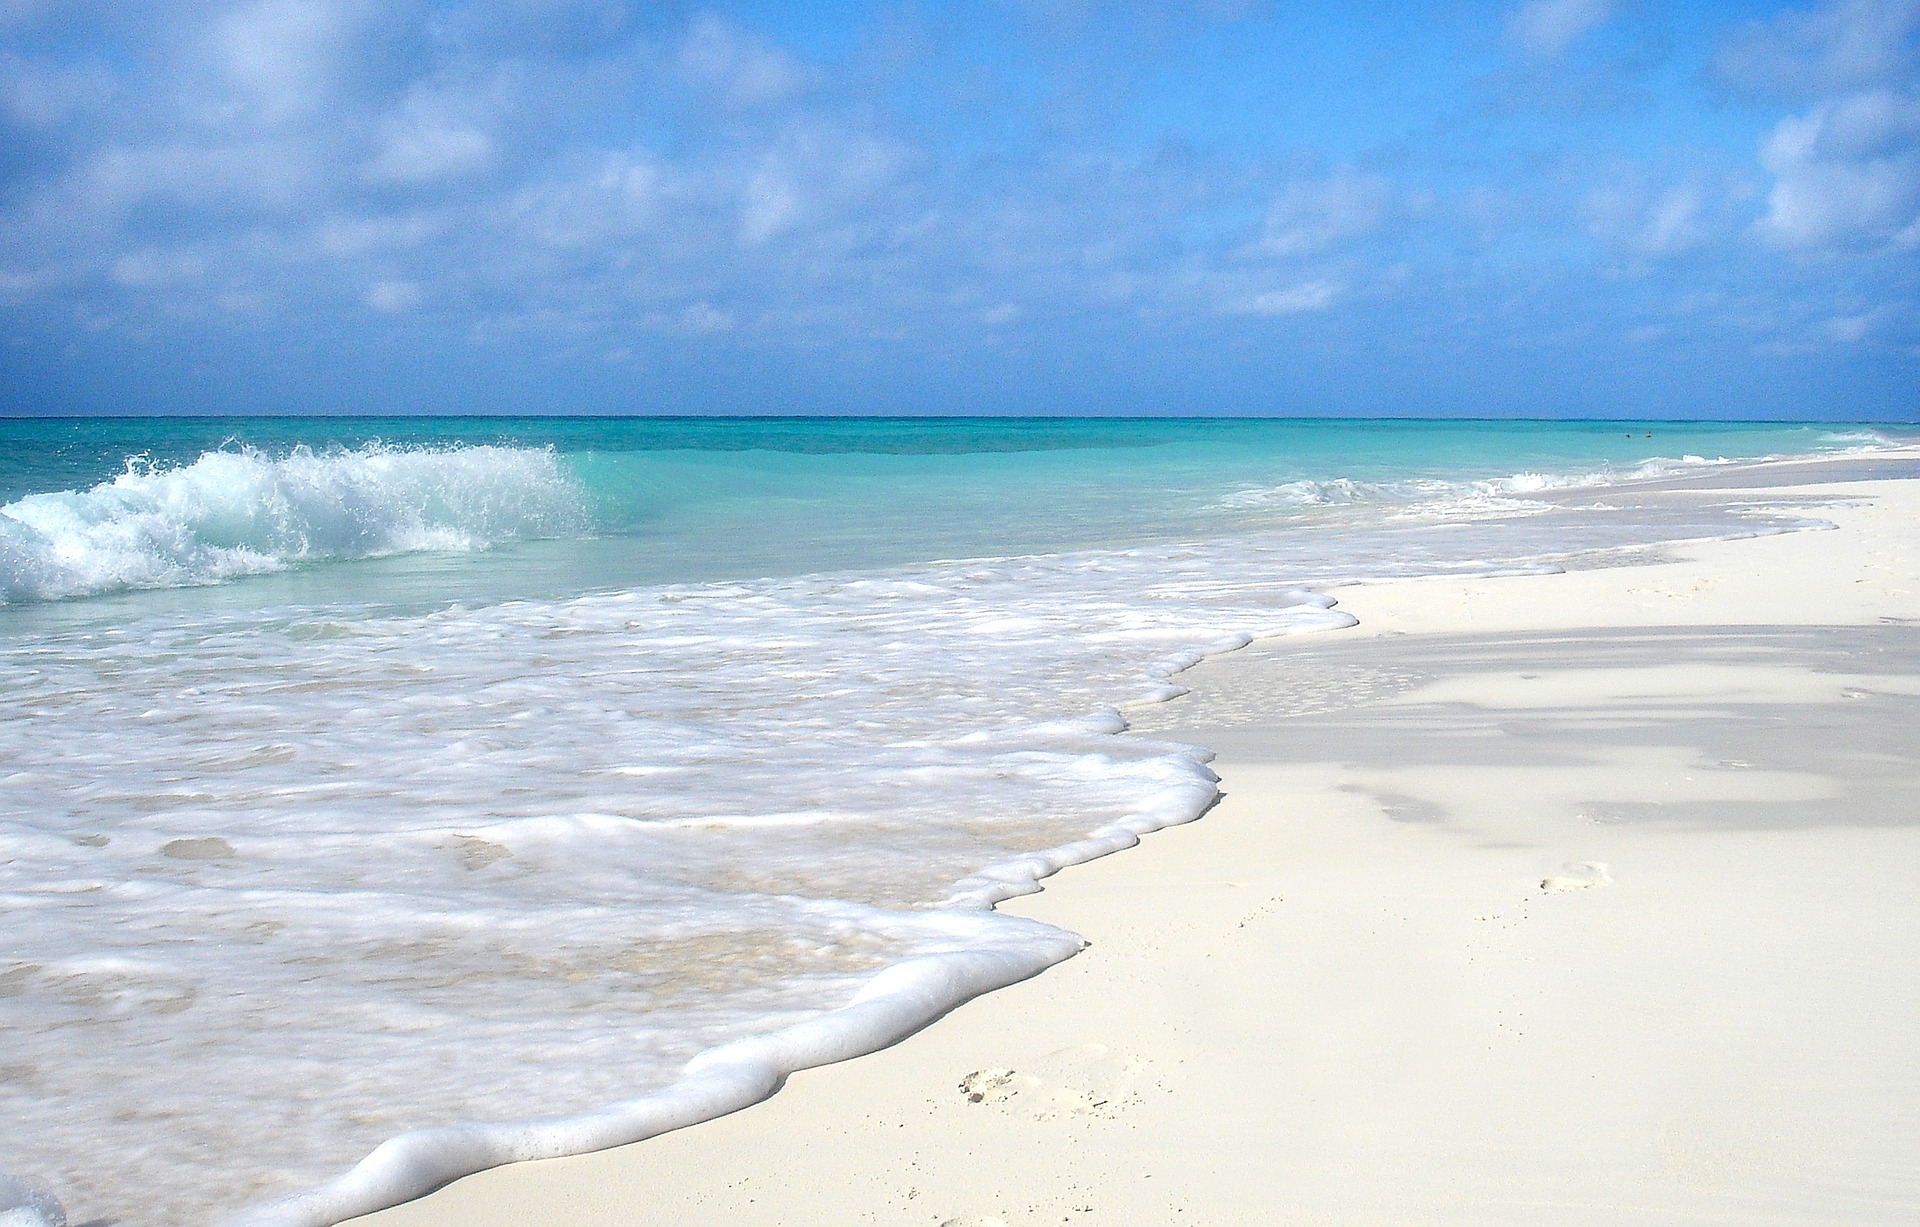 Karibisches Meer die günstigsten Deals für den Urlaub 2019 Chillen in Varadero eine Woche All Inclusive Urlaub ab 650,60€